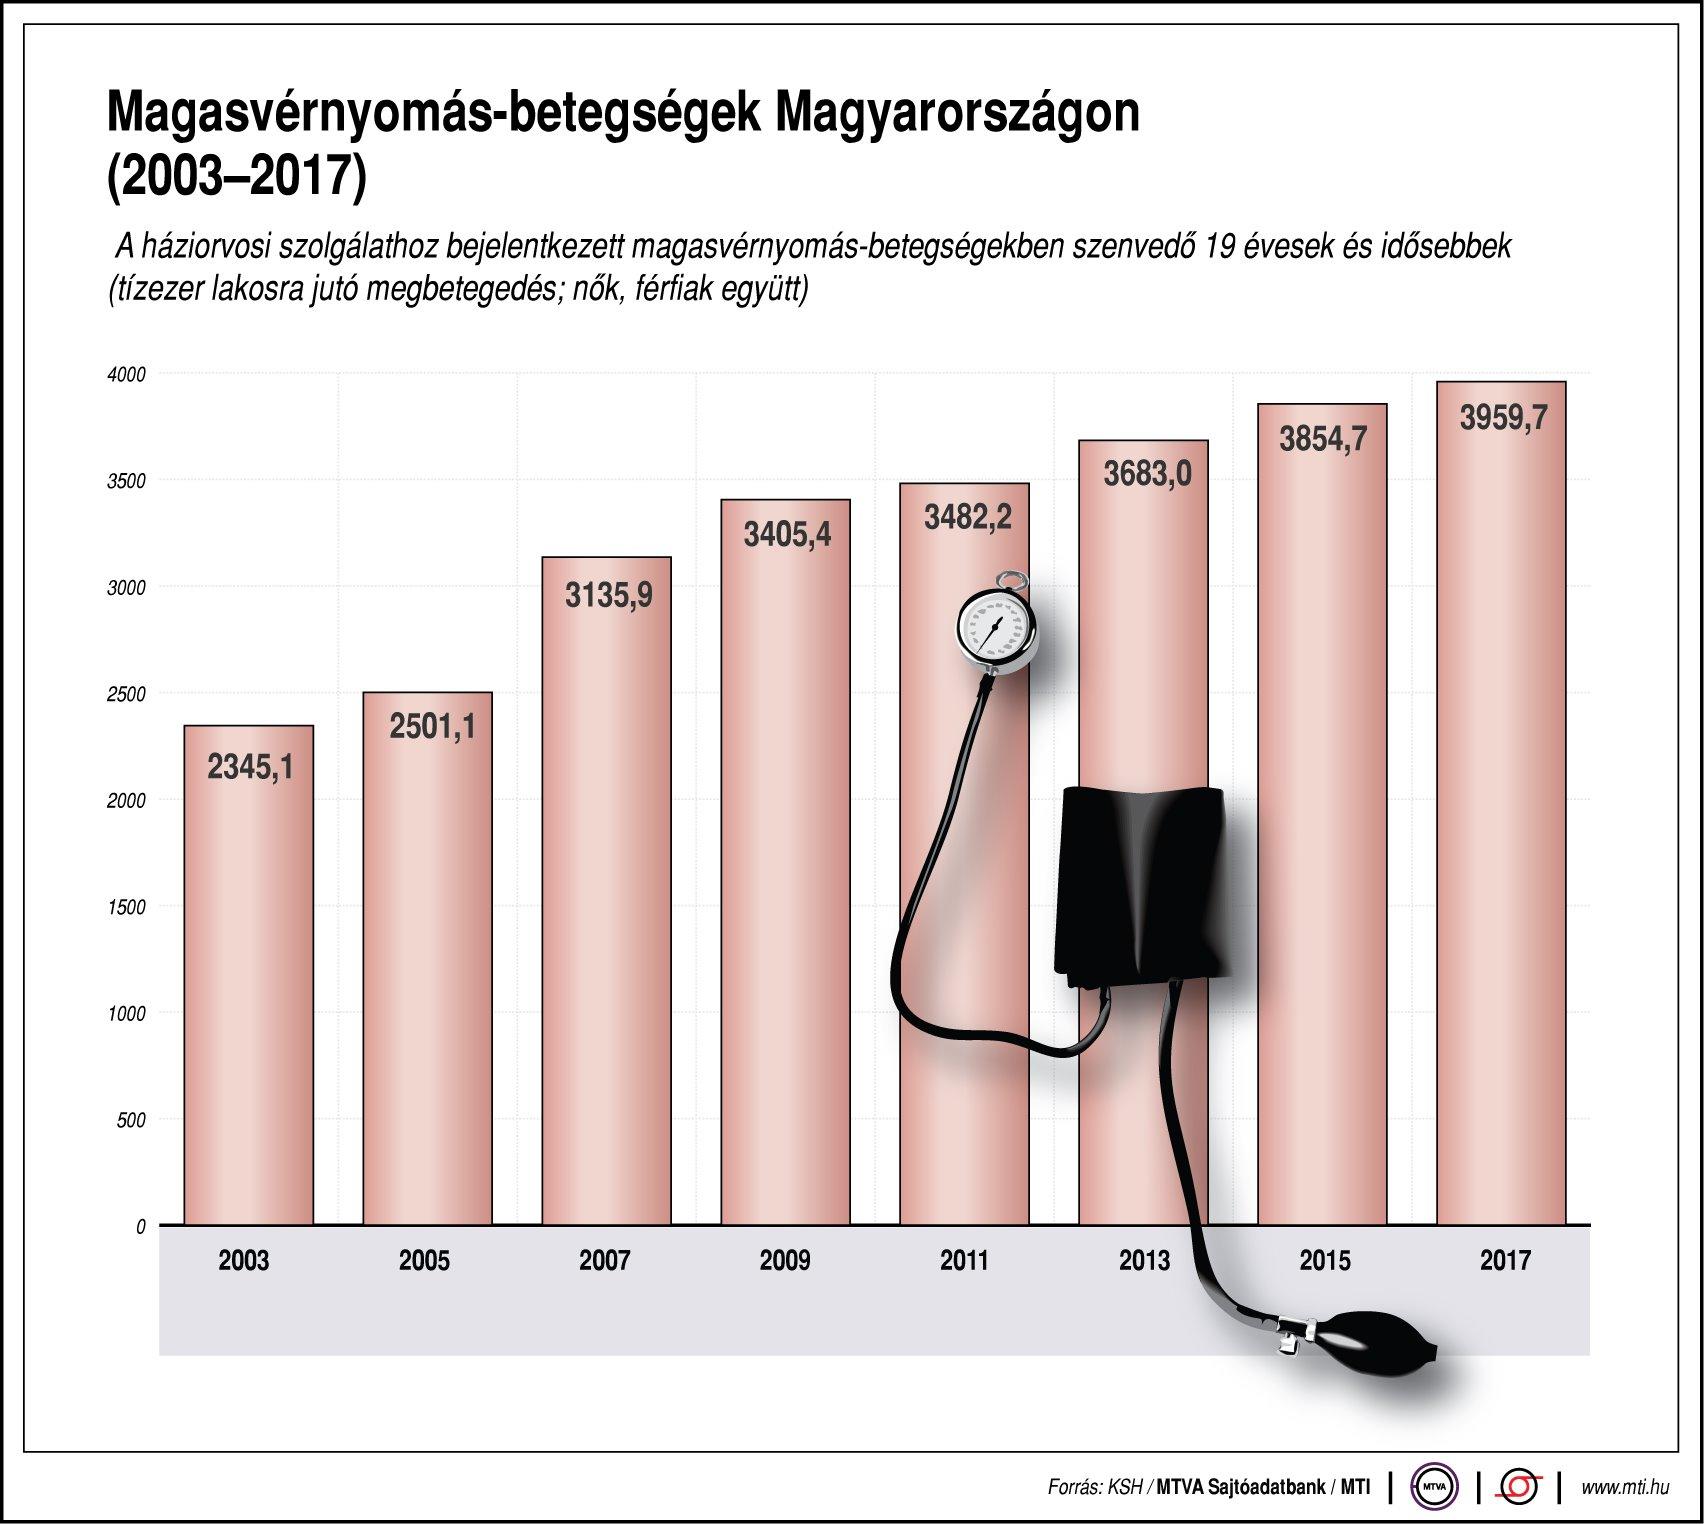 magas vérnyomás esetén gyógyszereket alkalmaznak